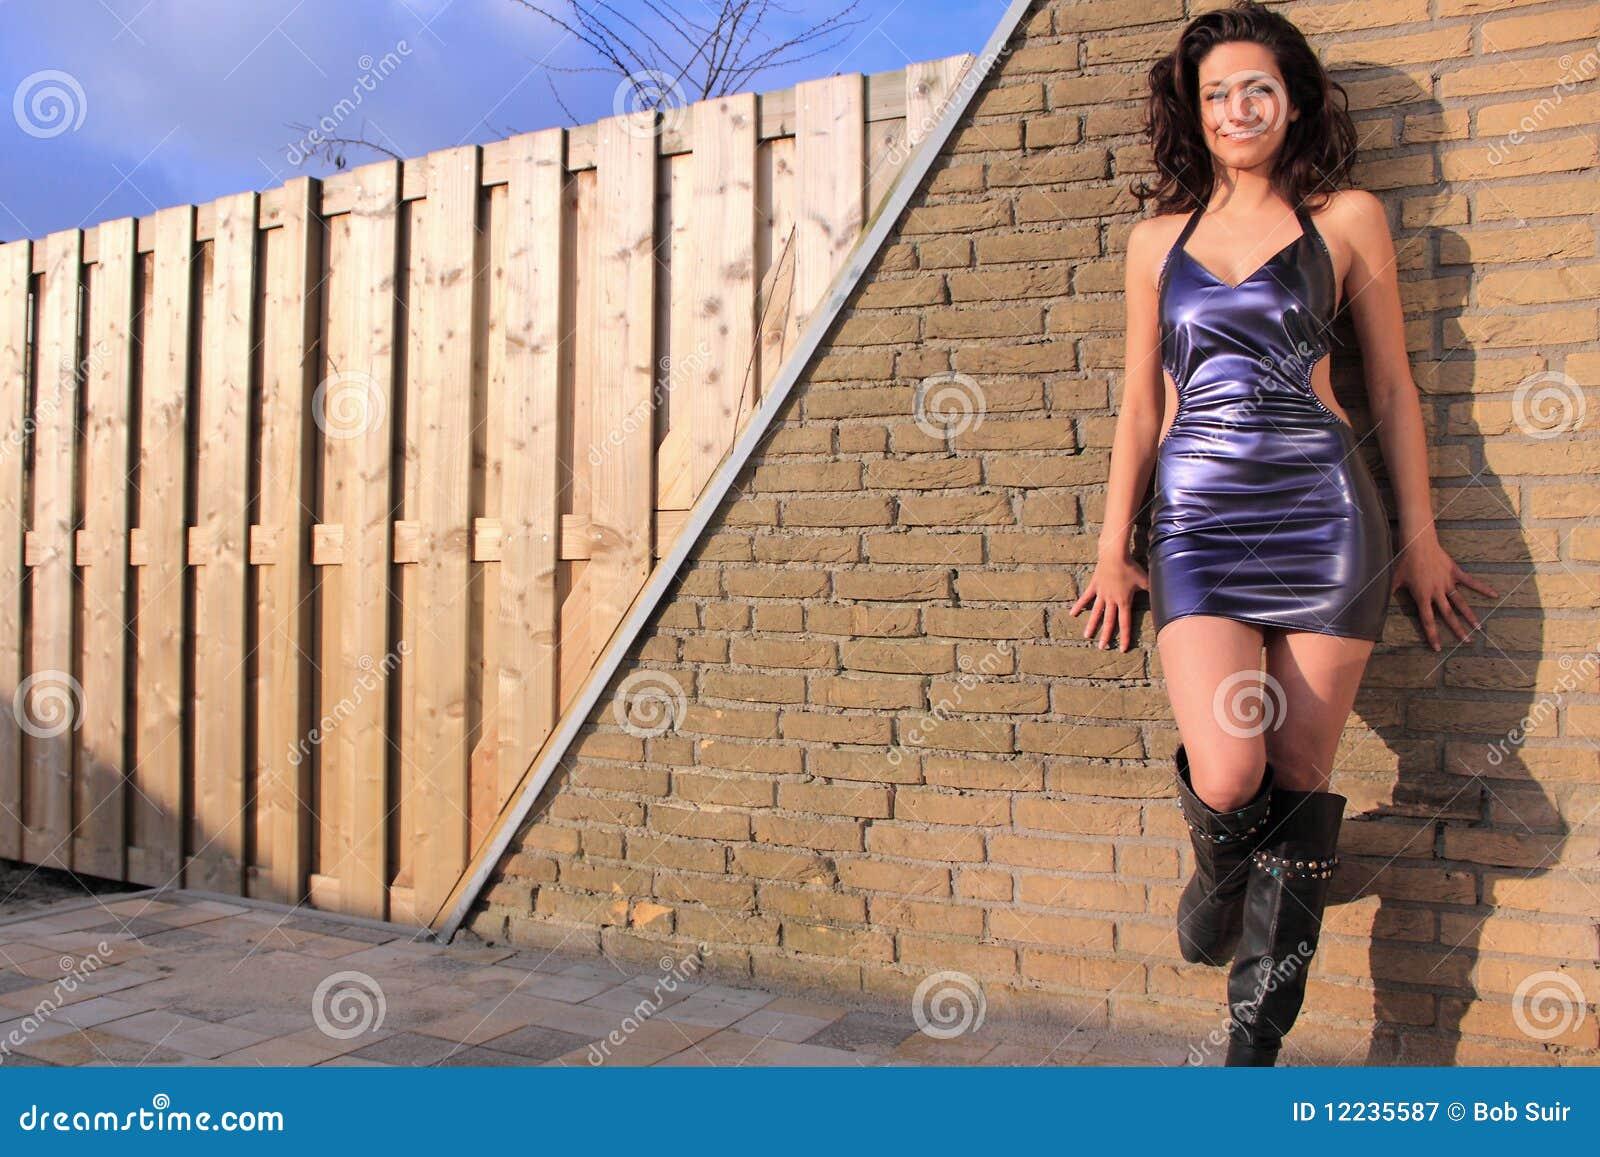 Beautiful, brunette wearing purple dress